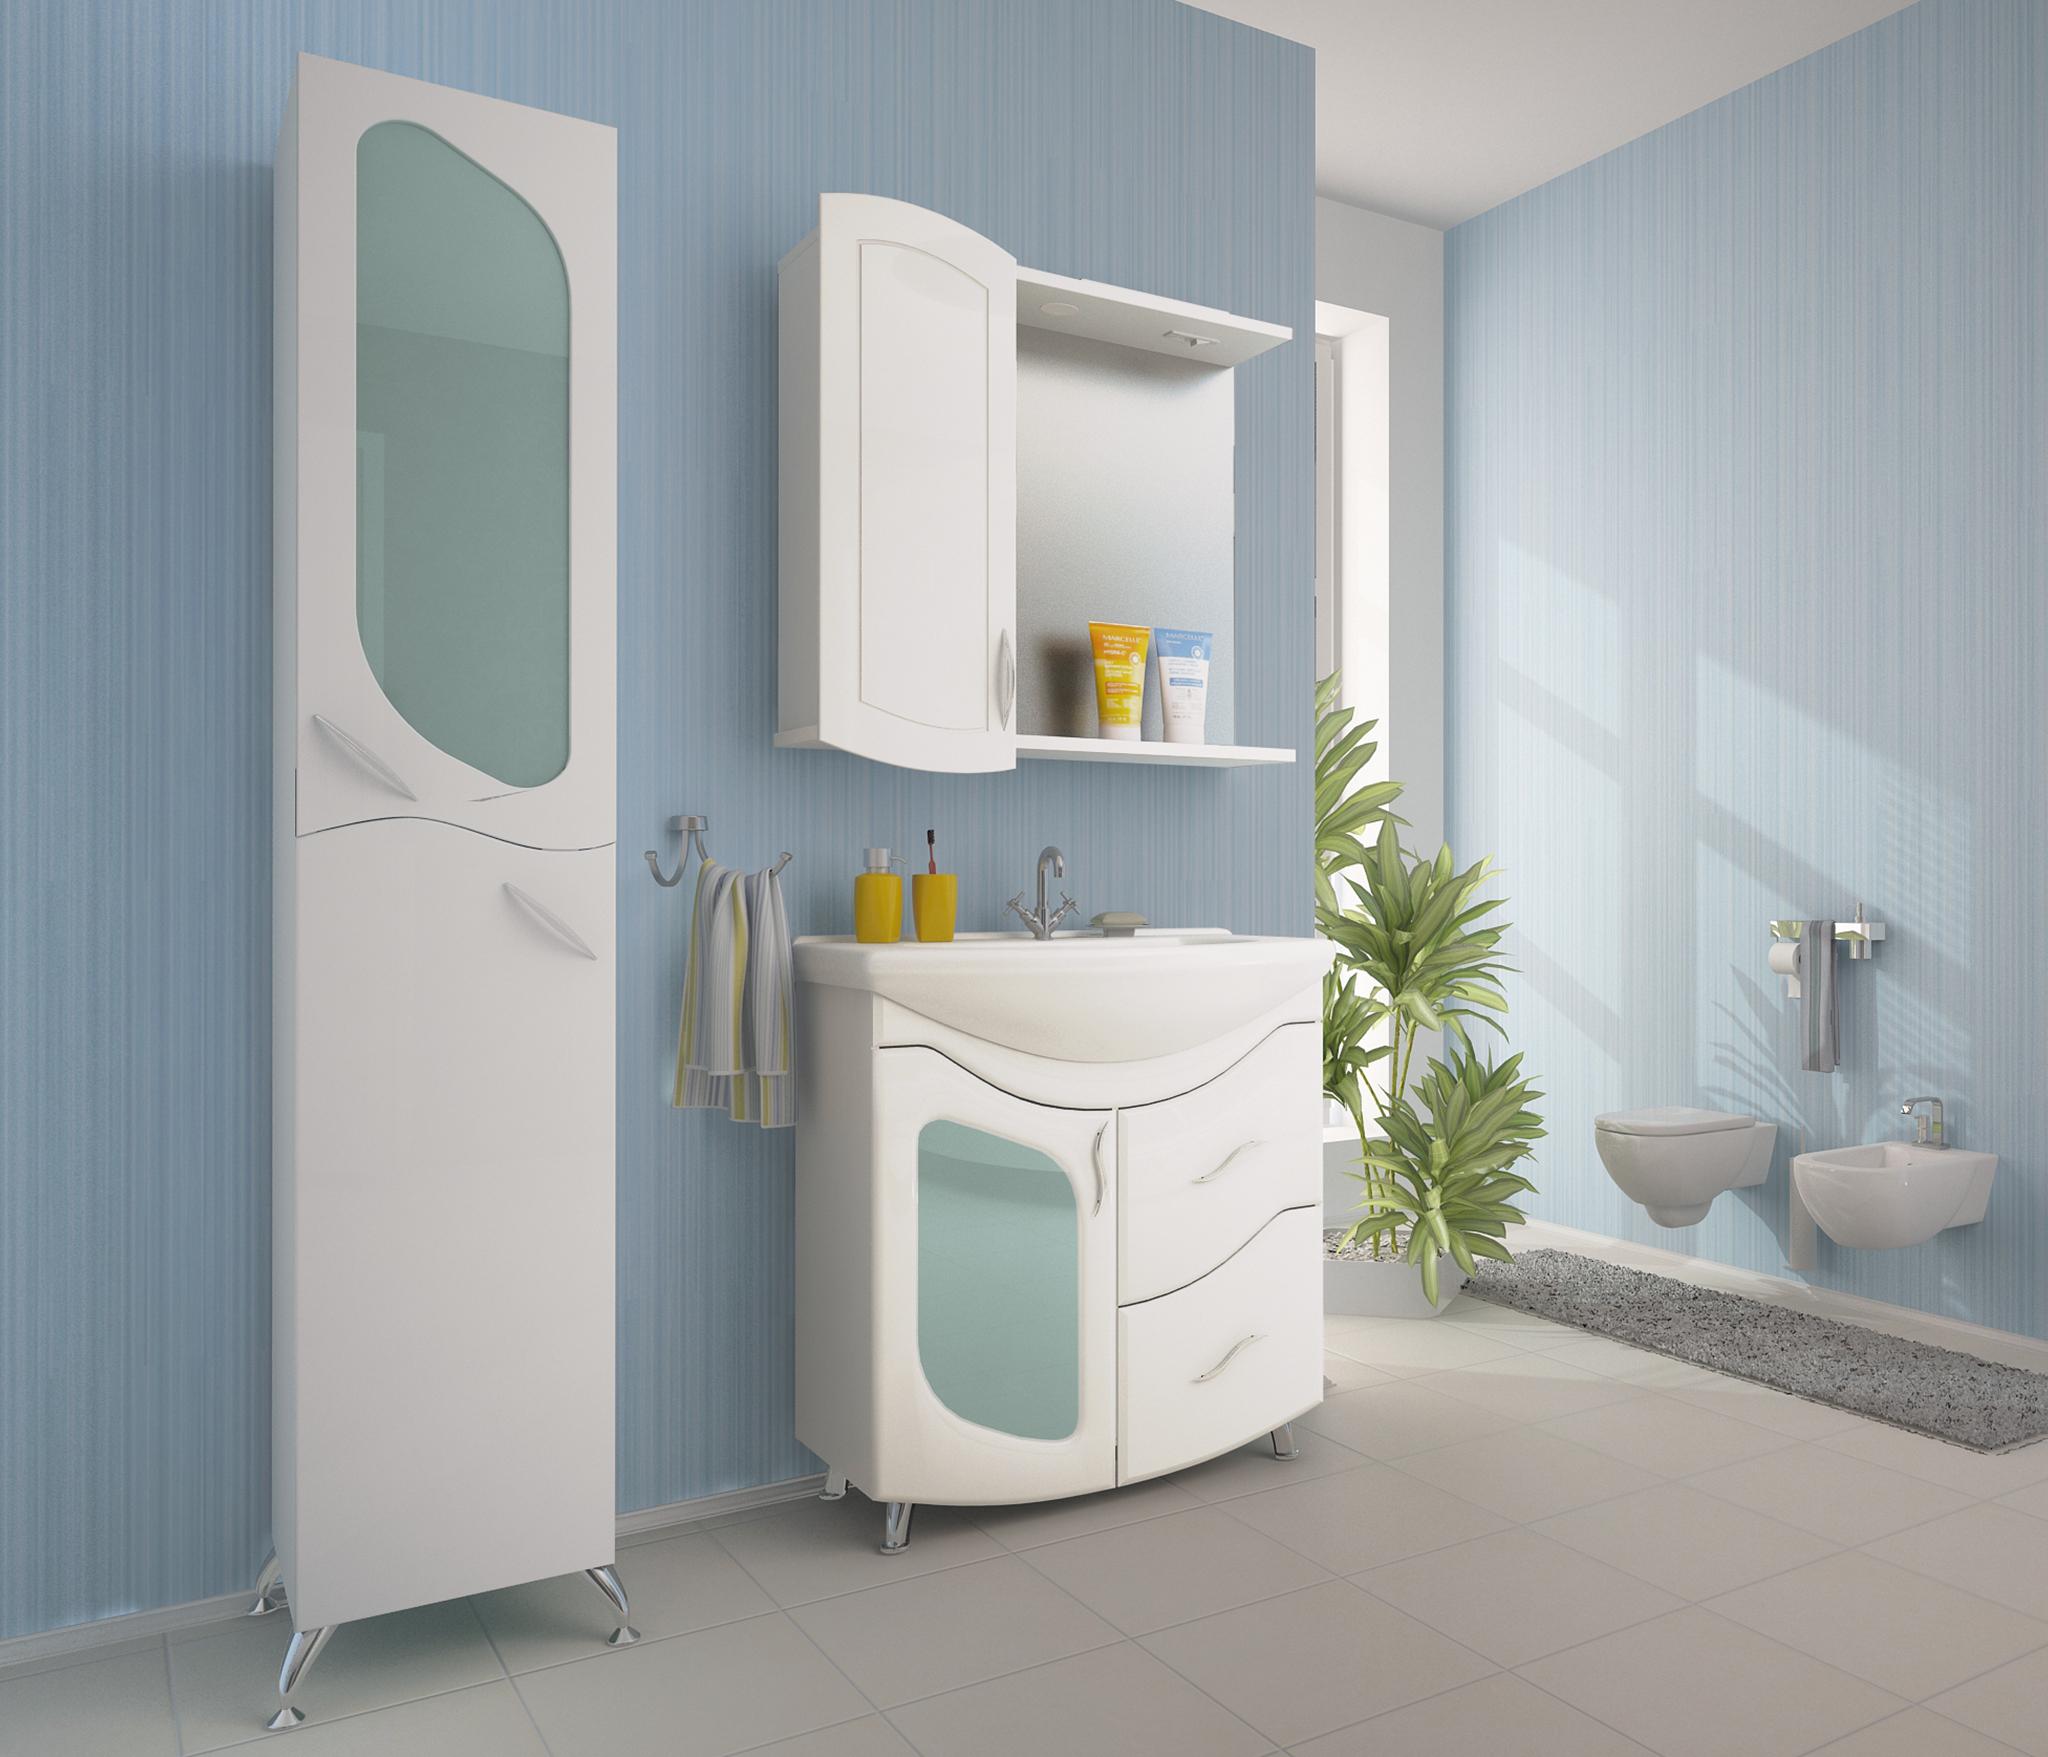 Набор мебели для ванной Mixline Ассоль-75 белый (зеркальный шкаф левый, тумба, раковина) раковина квадро для тумбы торонто 75